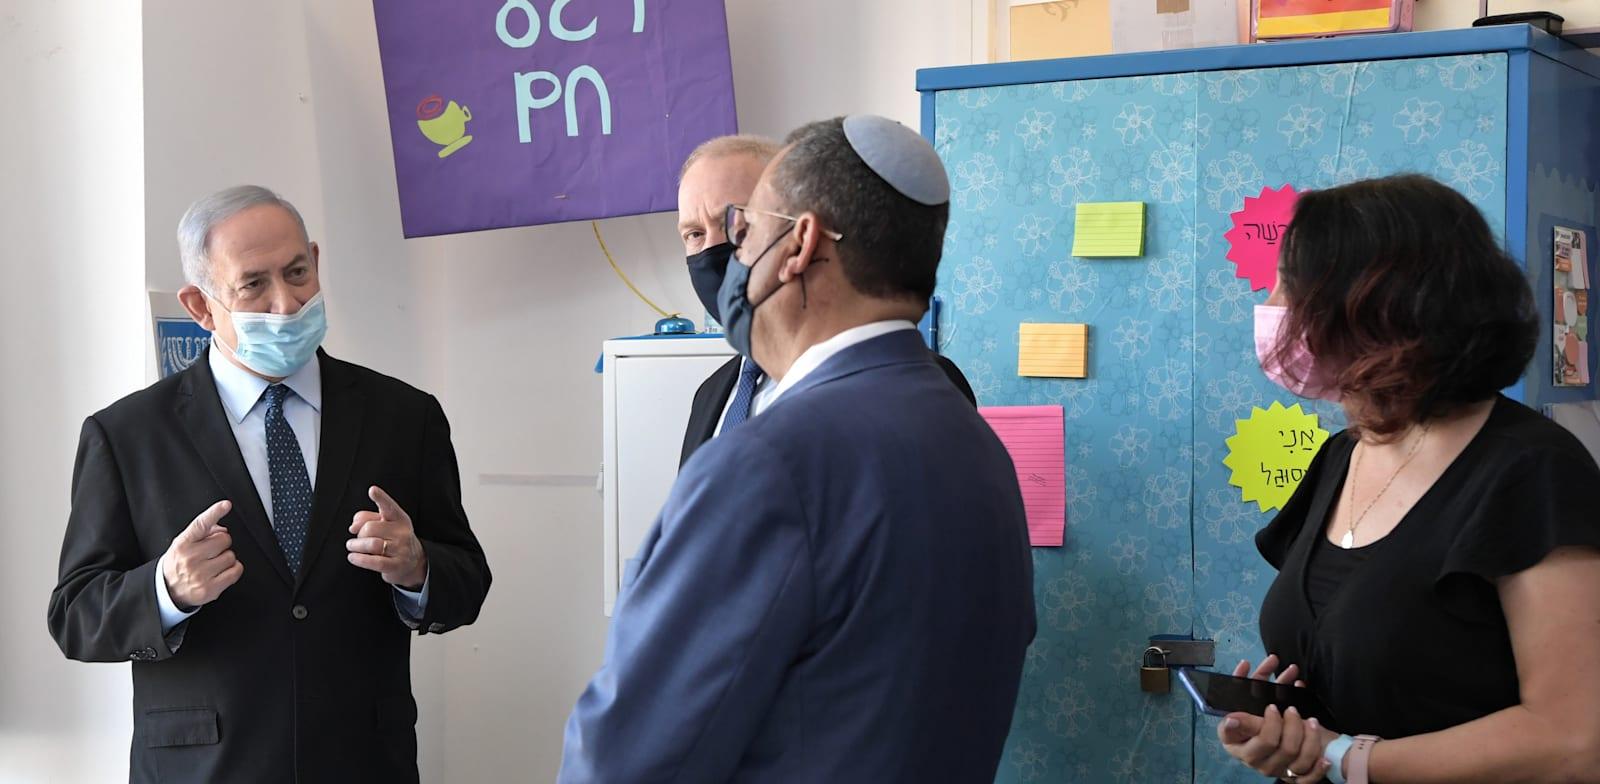 """ראש הממשלה בנימין נתניהו בביקור בבית ספר / צילום: קובי גדעון, לע""""מ"""